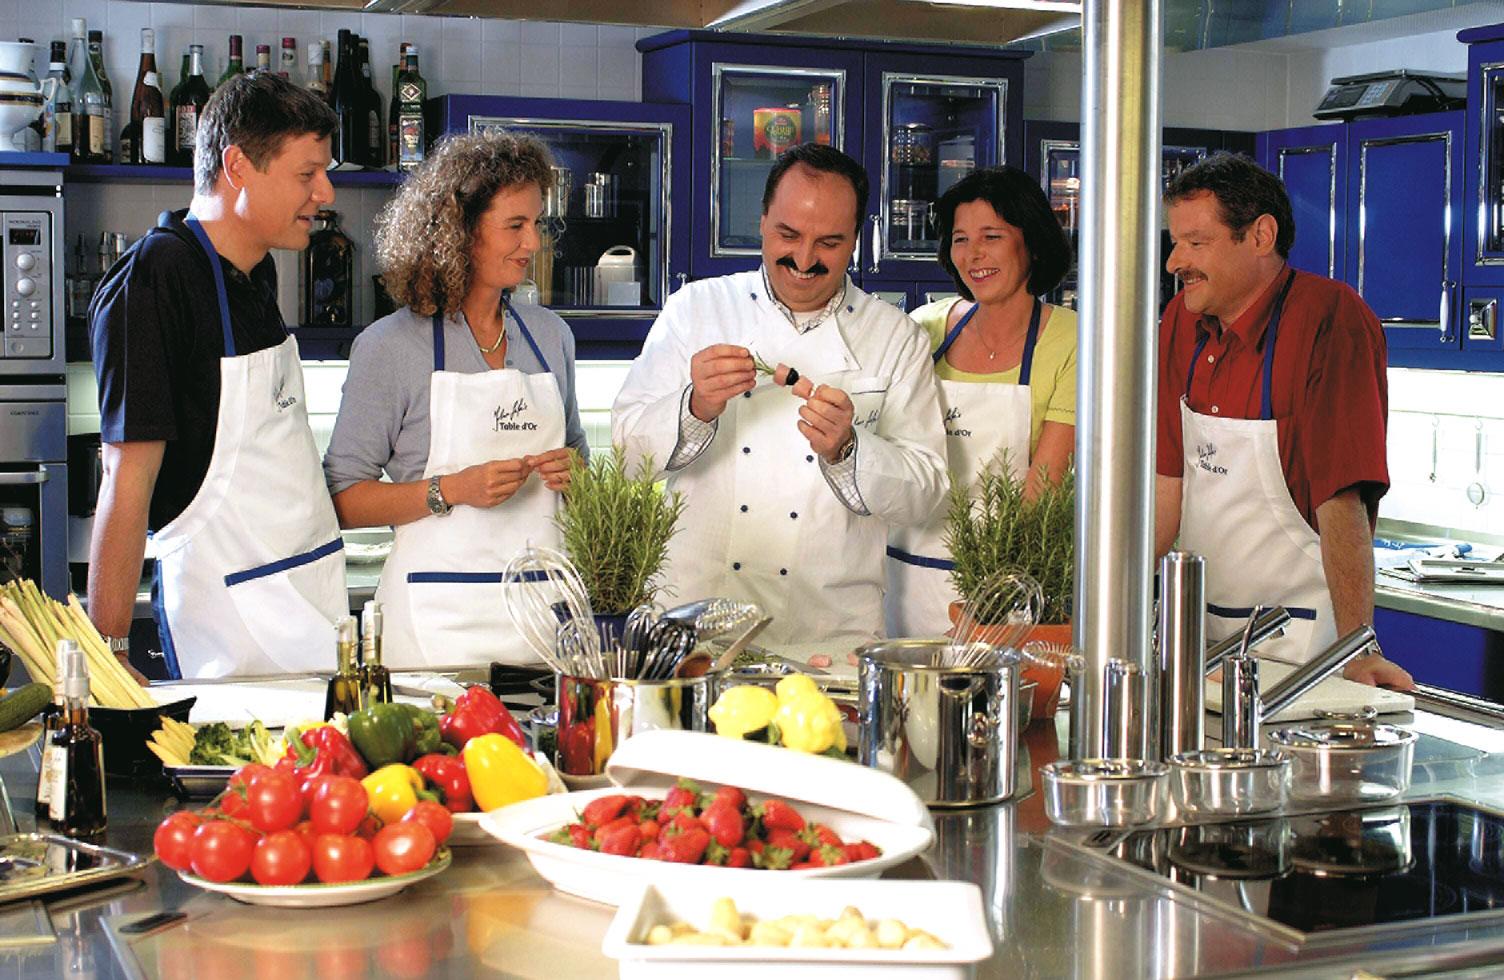 johann lafer mit seinem team in der küche